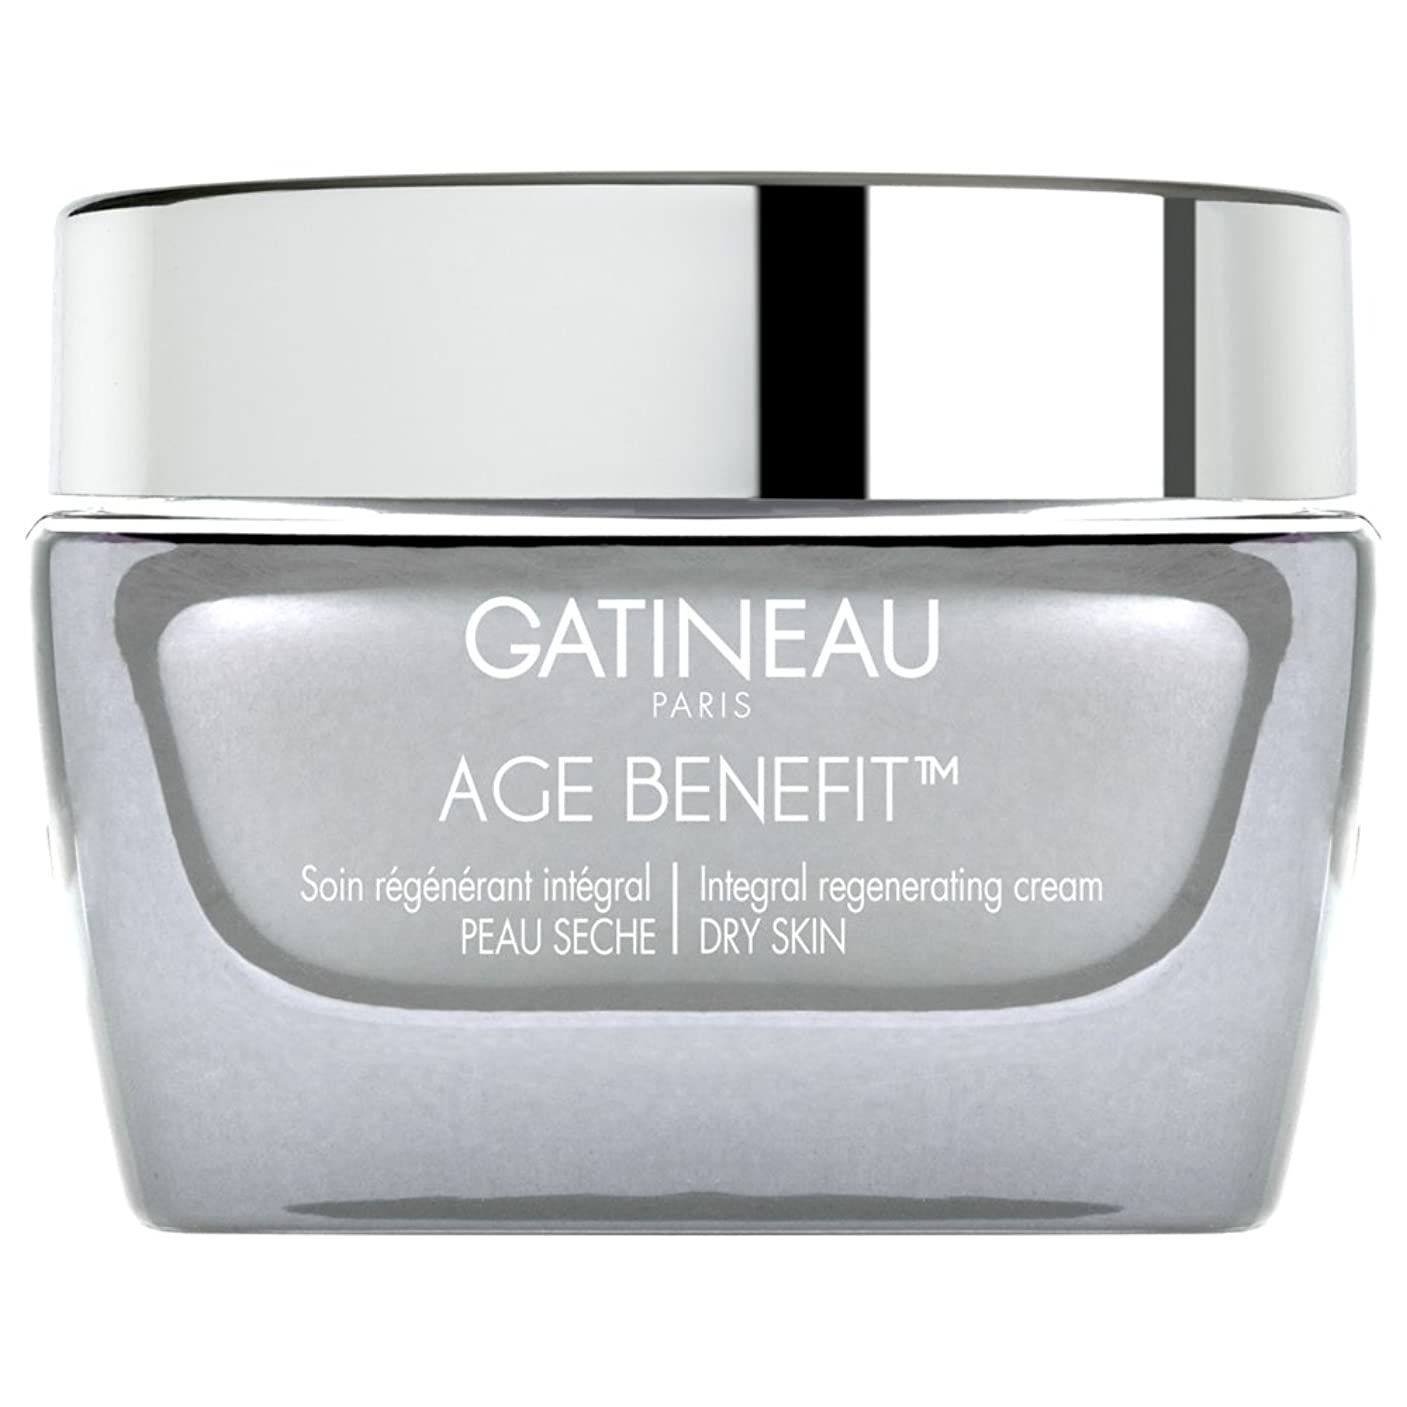 緩む入植者立派なガティノー年齢給付再生ドライスキンクリーム、50ミリリットル (Gatineau) (x6) - Gatineau Age Benefit Regenerating Dry Skin Cream, 50ml (Pack of 6) [並行輸入品]